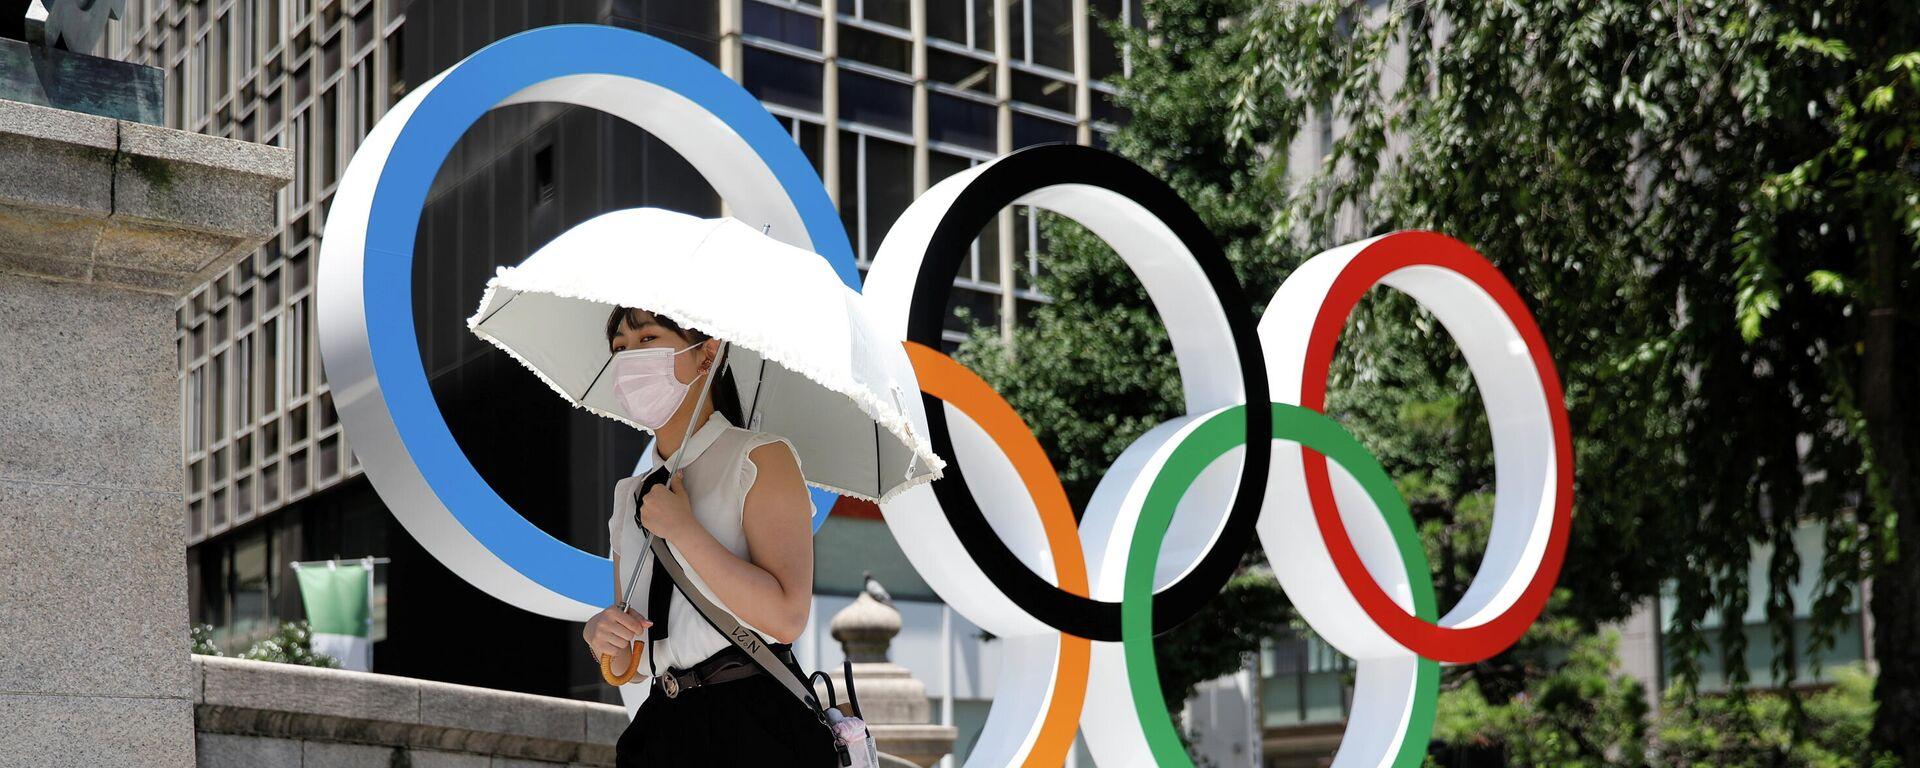 Anillos olímpicos - Sputnik Mundo, 1920, 21.07.2021